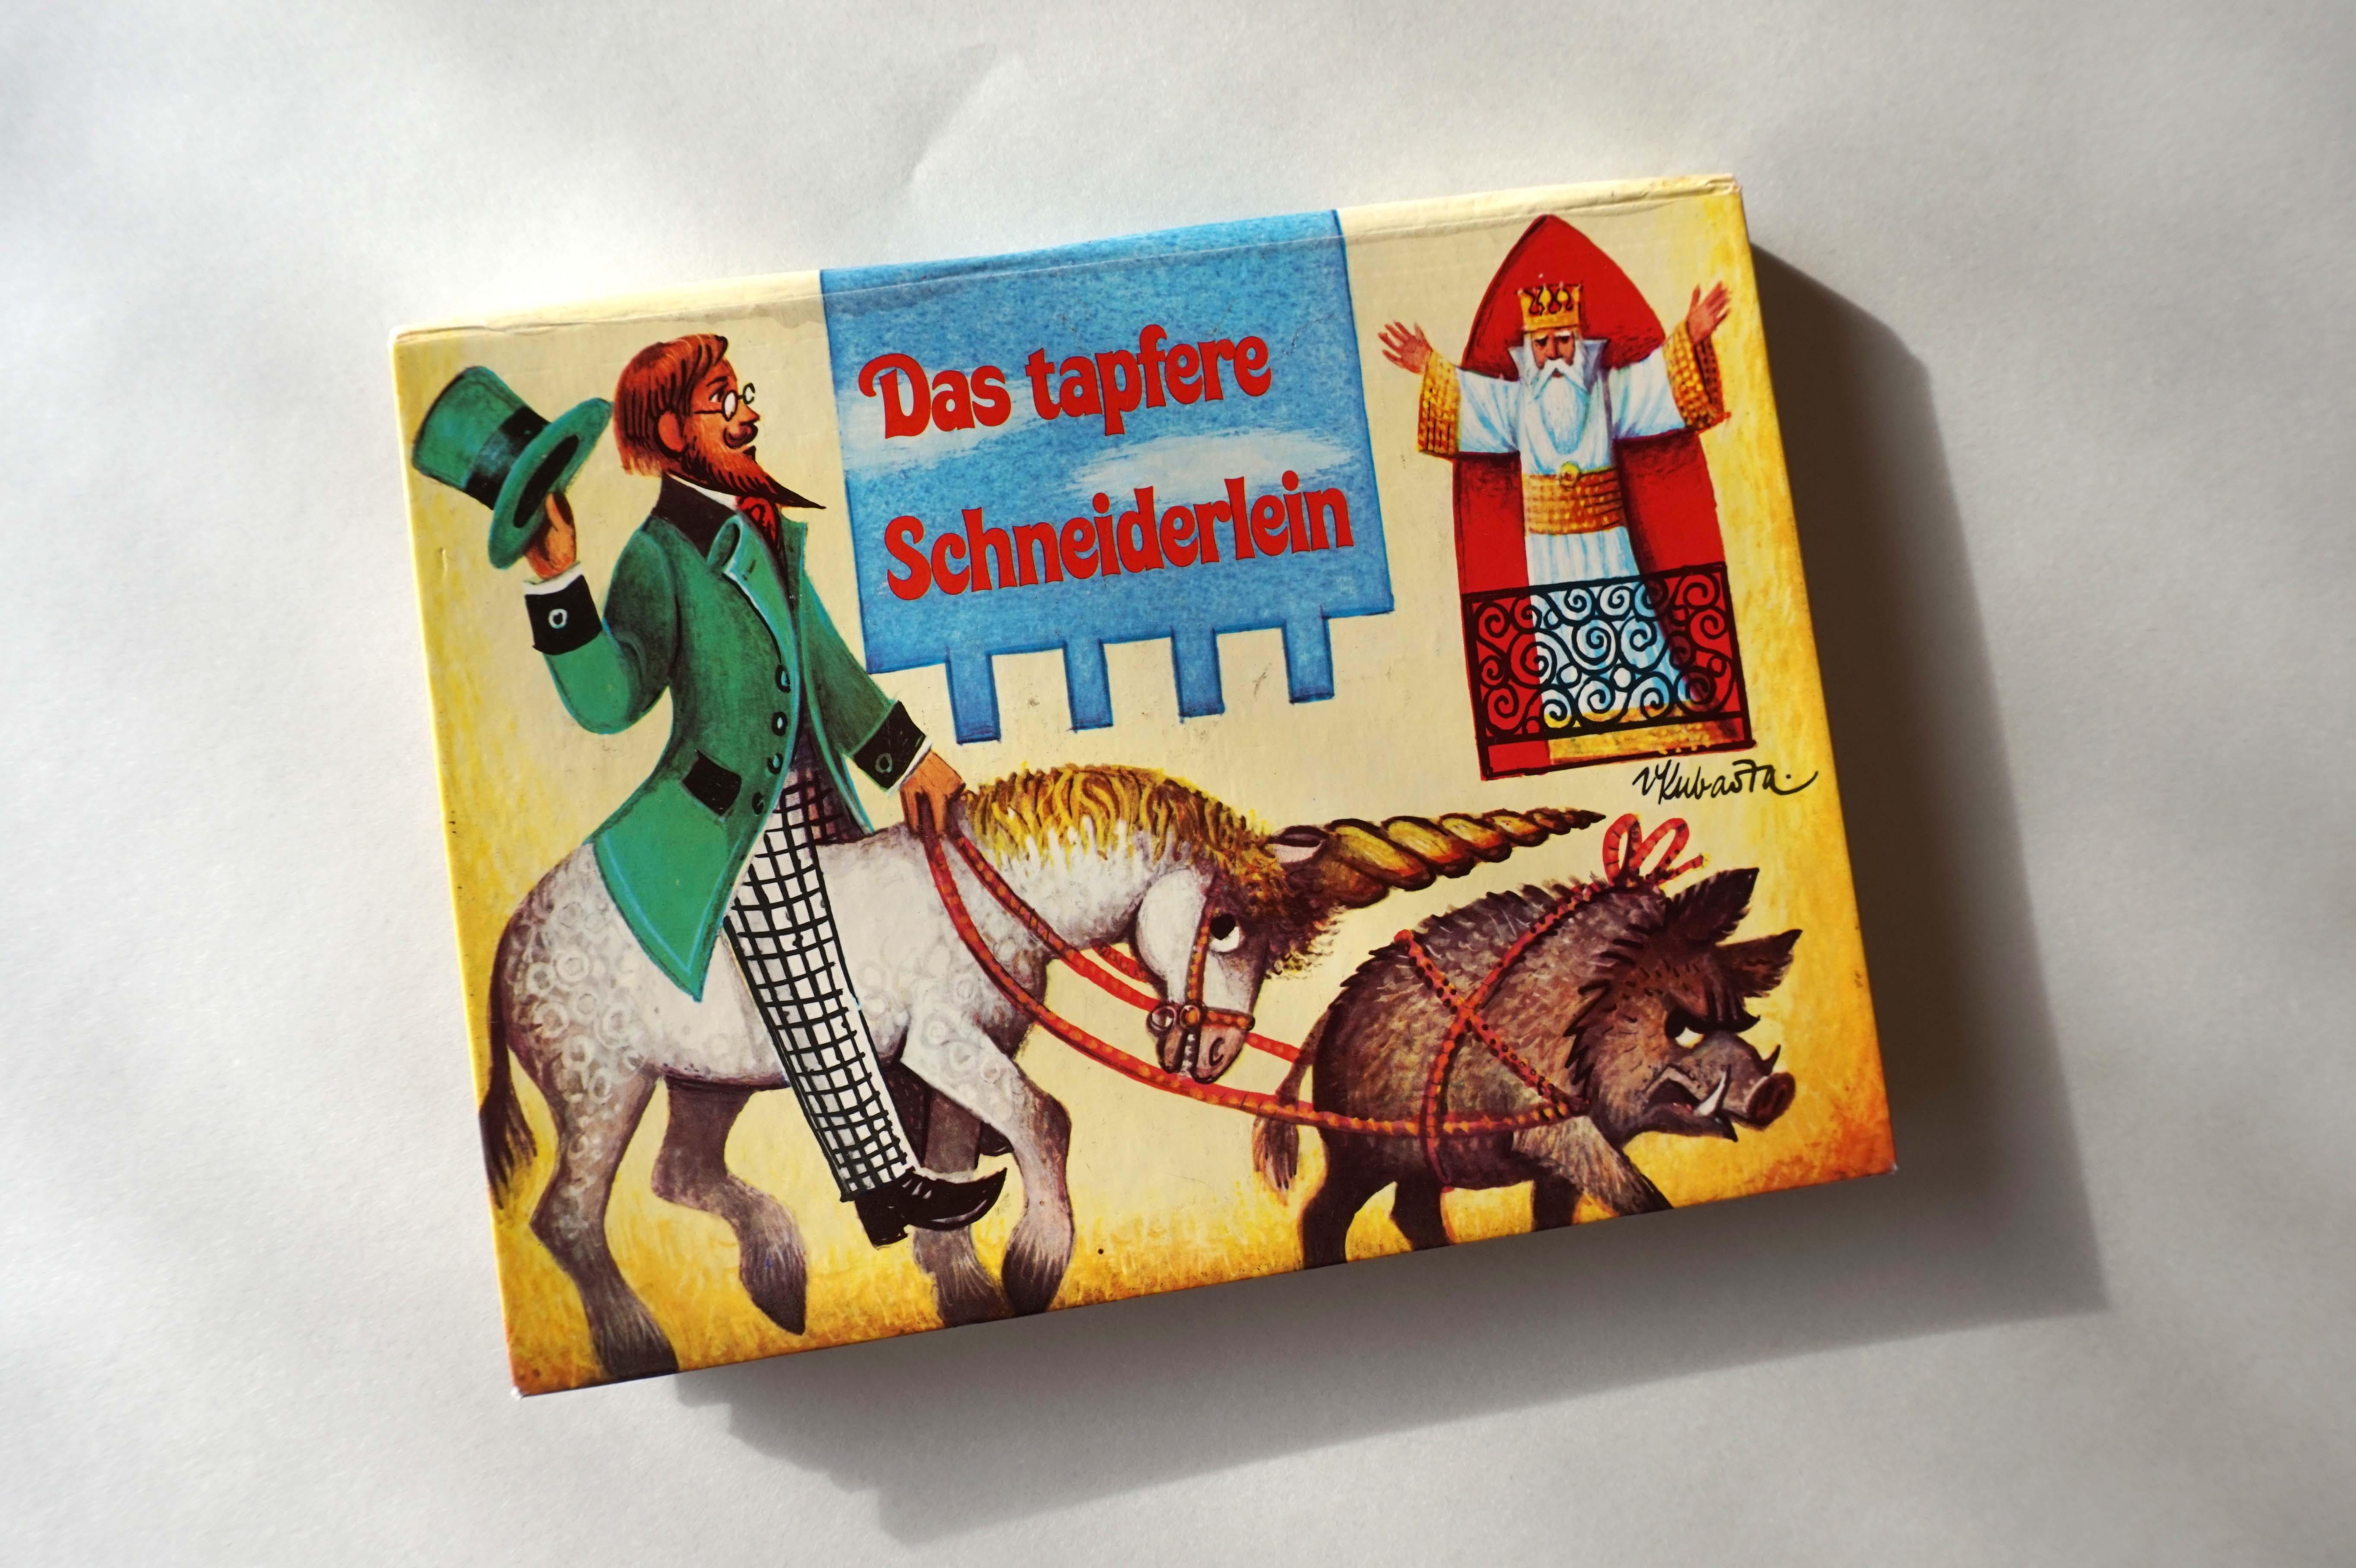 Das tapfere Schneiderlein Book Cover